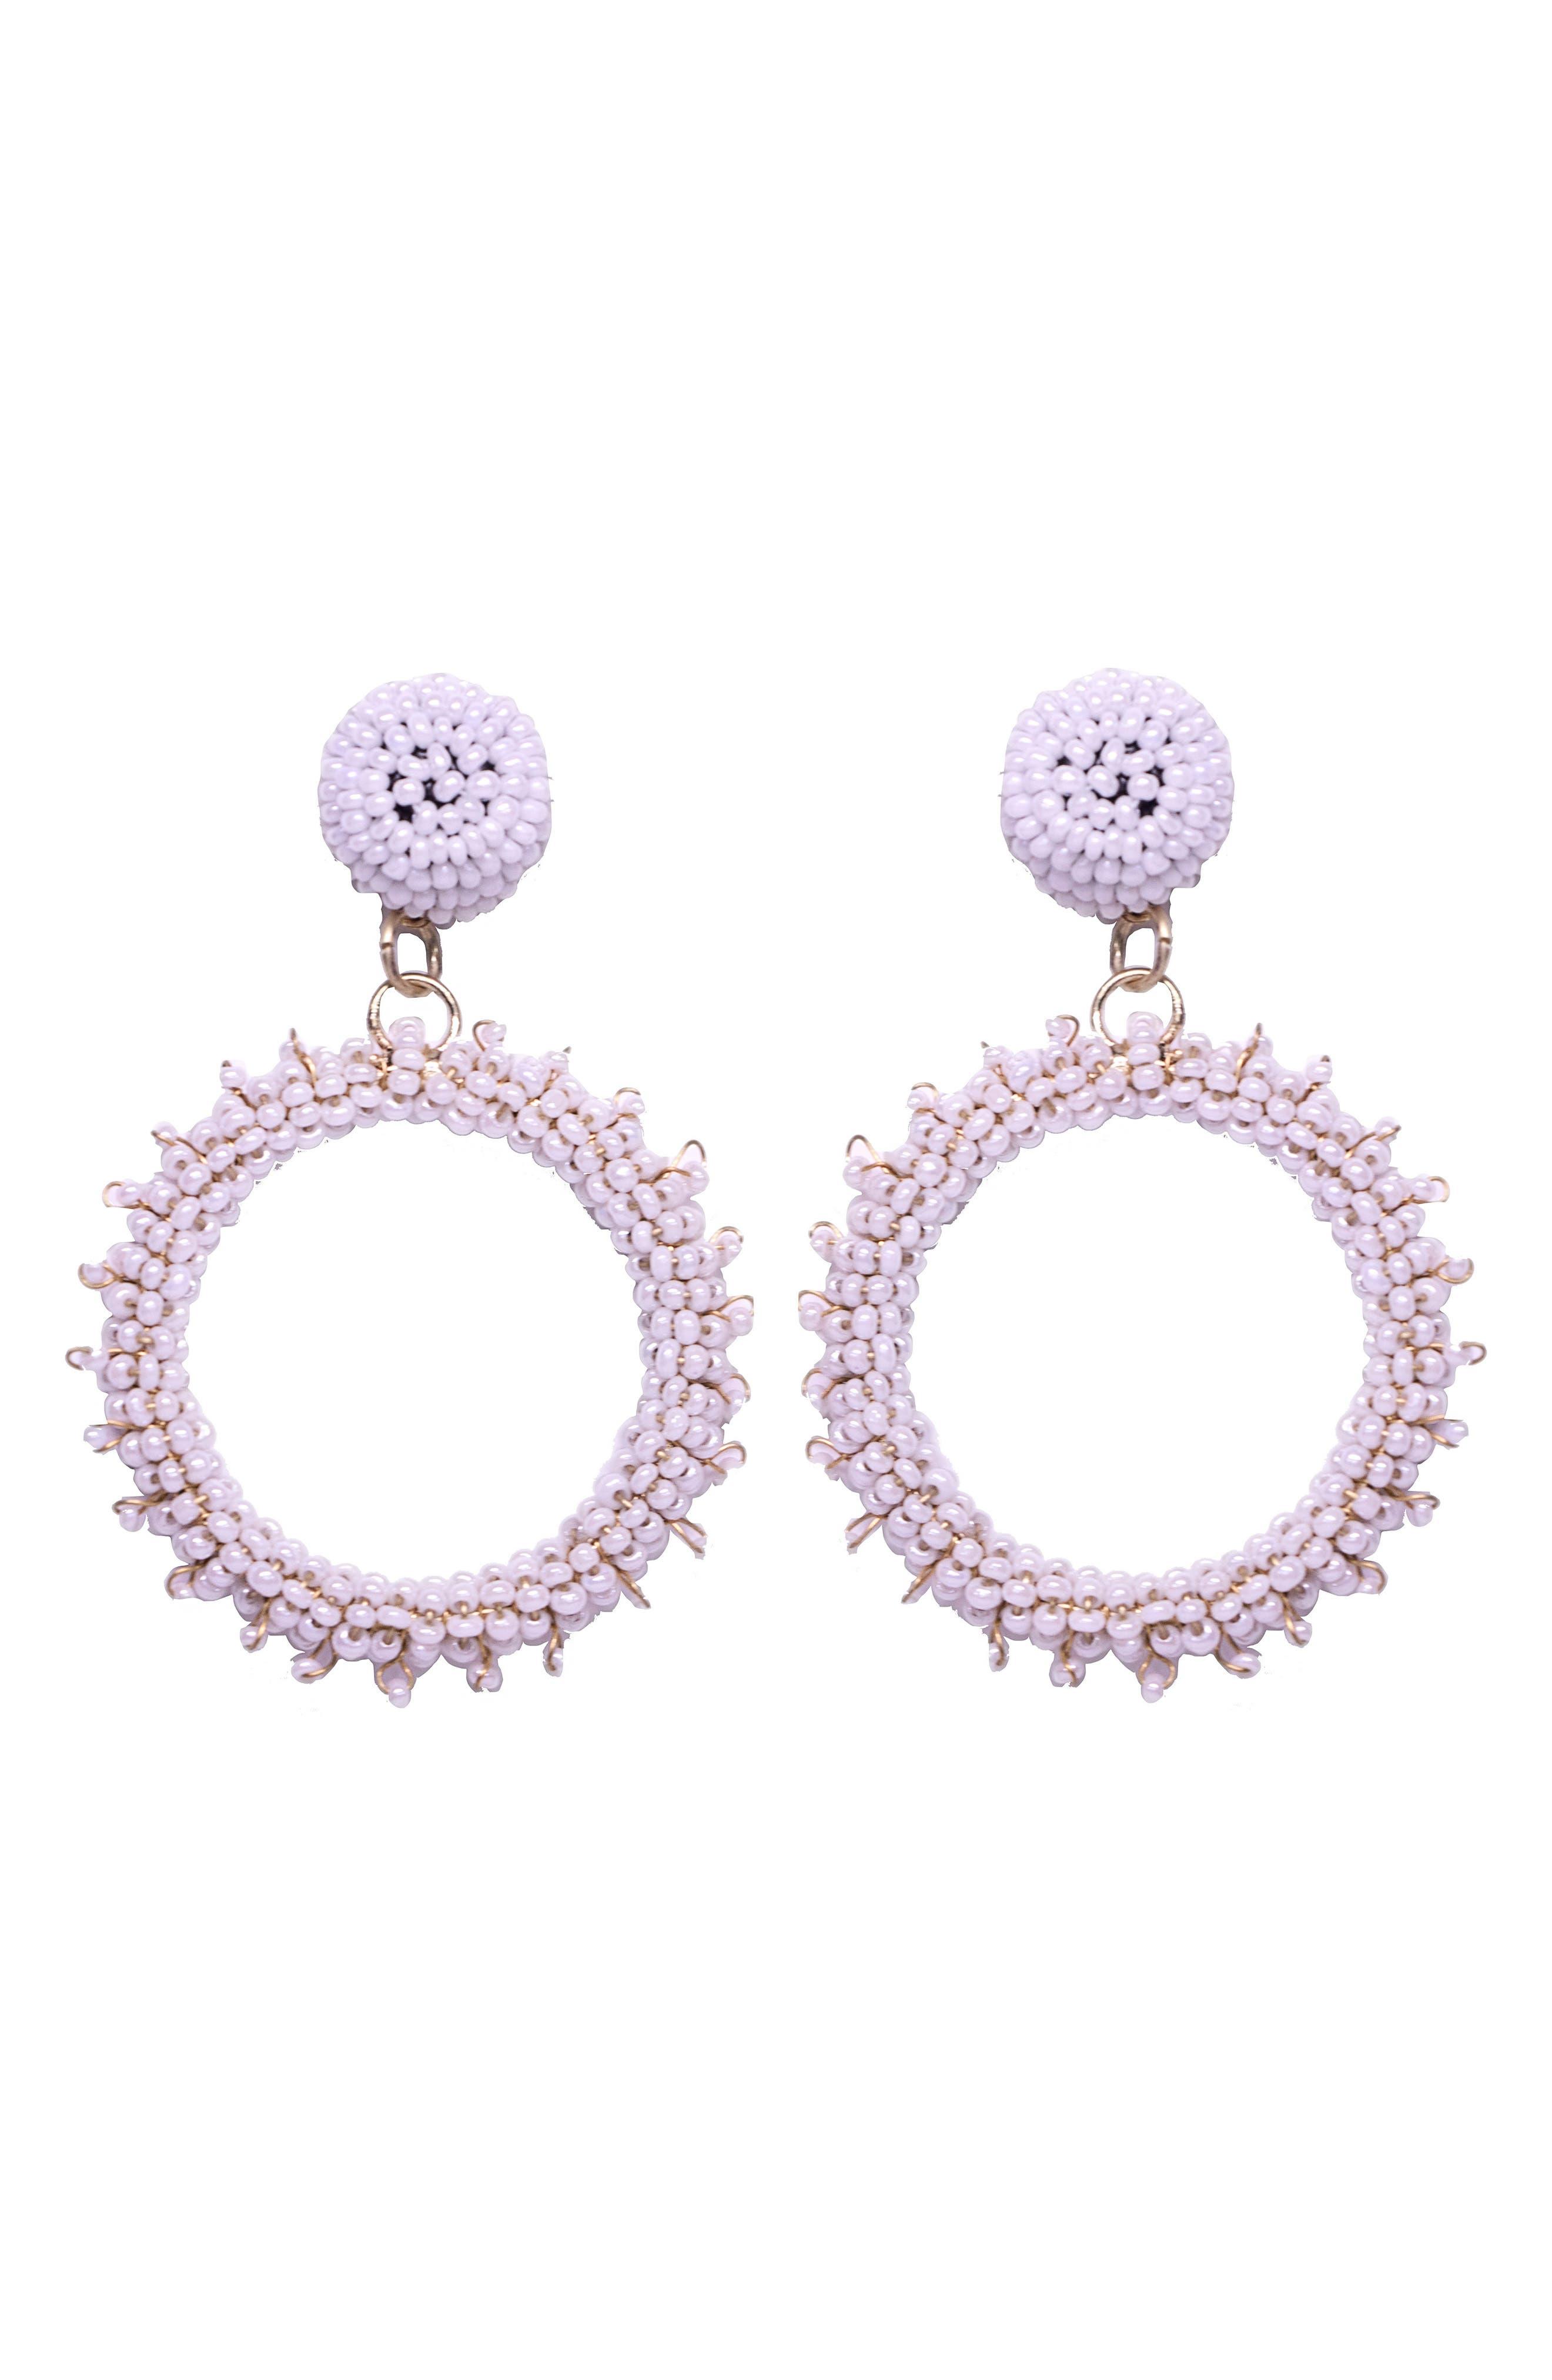 Marie Drop Earrings,                             Main thumbnail 1, color,                             100